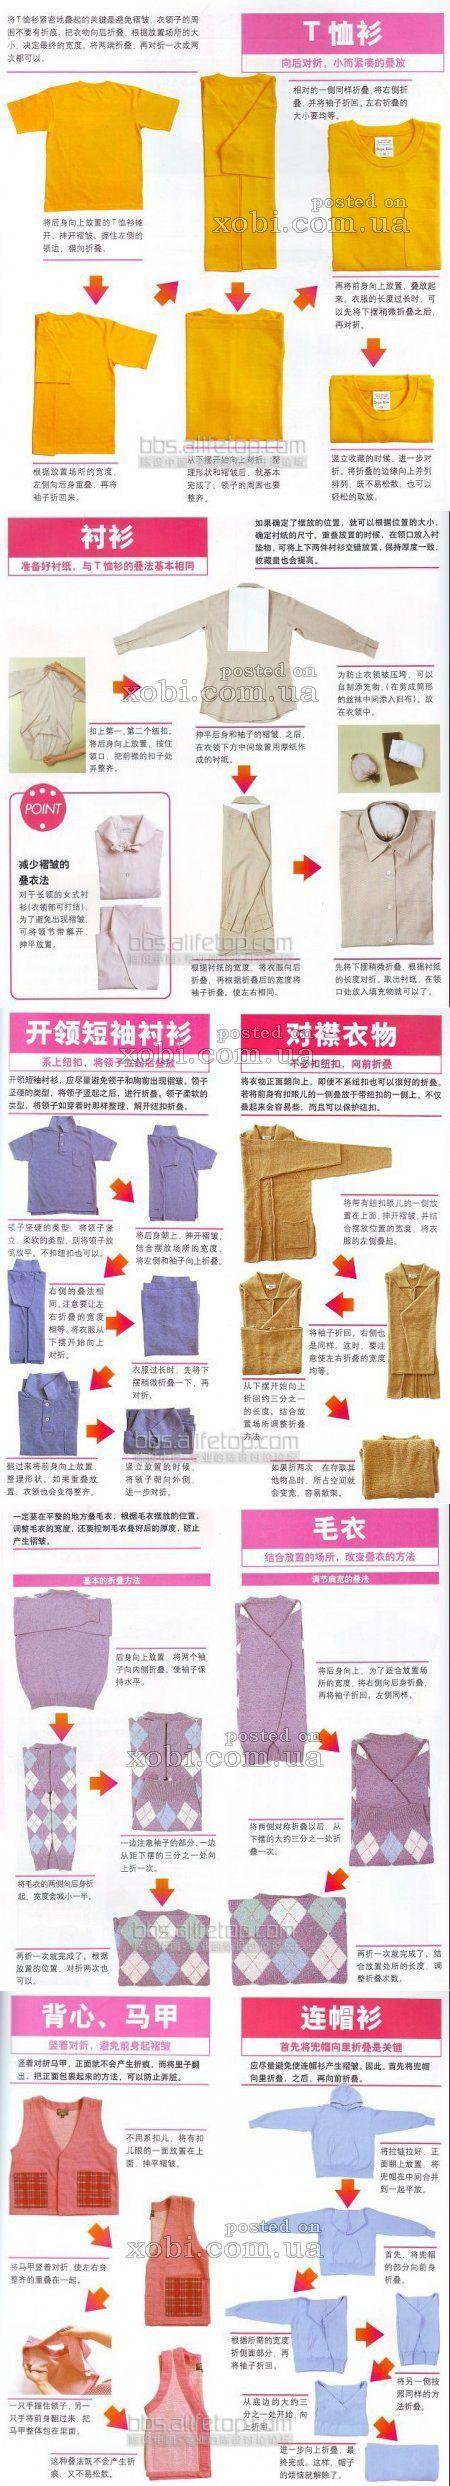 Как правильно складывать одежду и хранить вещи в шкафах - Babyblog.ru